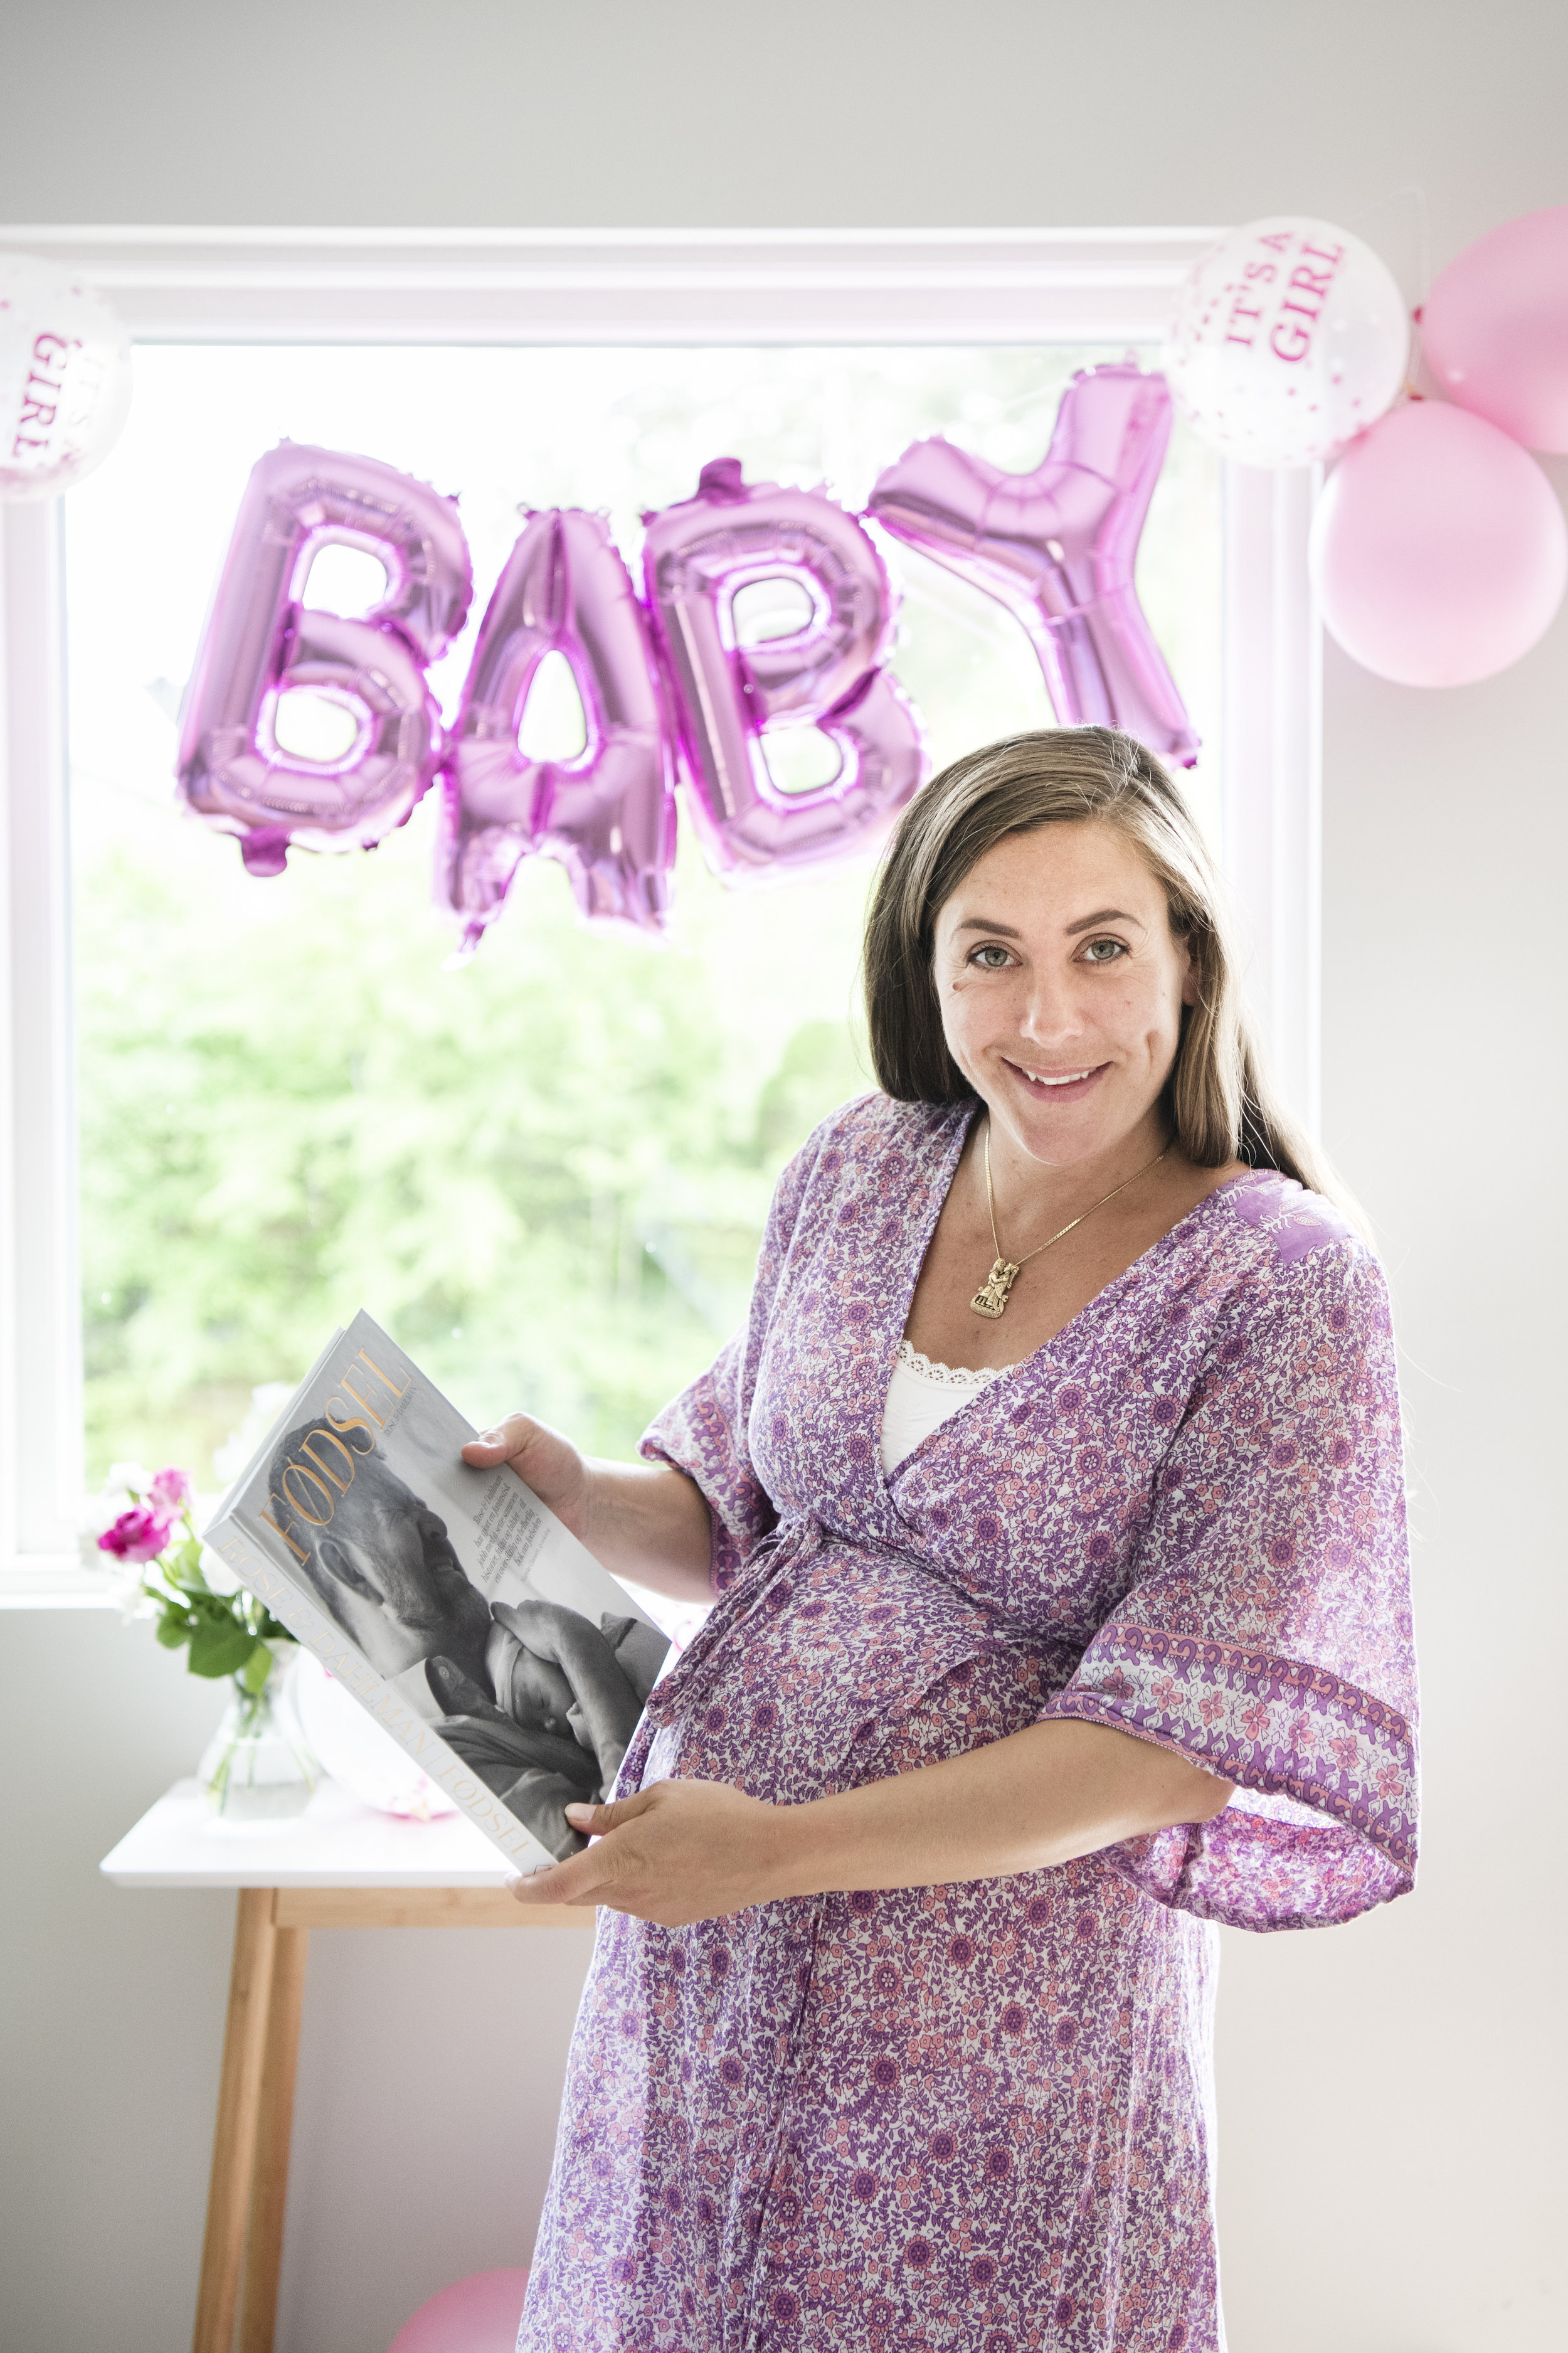 """Reklame:   På gavebordet lå boka """"FØDSEL"""". Sara har lest boken og føler seg godt forberedt til fødselen.  Boka kan kjøpes på Vipps fra Barnebokforlaget #137641. Velg FØDSEL HJEM, og du får den levert hjem portofritt. FØDSEL er en bok om å ta personlige valg i fødsel - som gjør det enkelt å planlegge hvor og/eller hvordan du vil føde.   Foto: Eva Rose"""